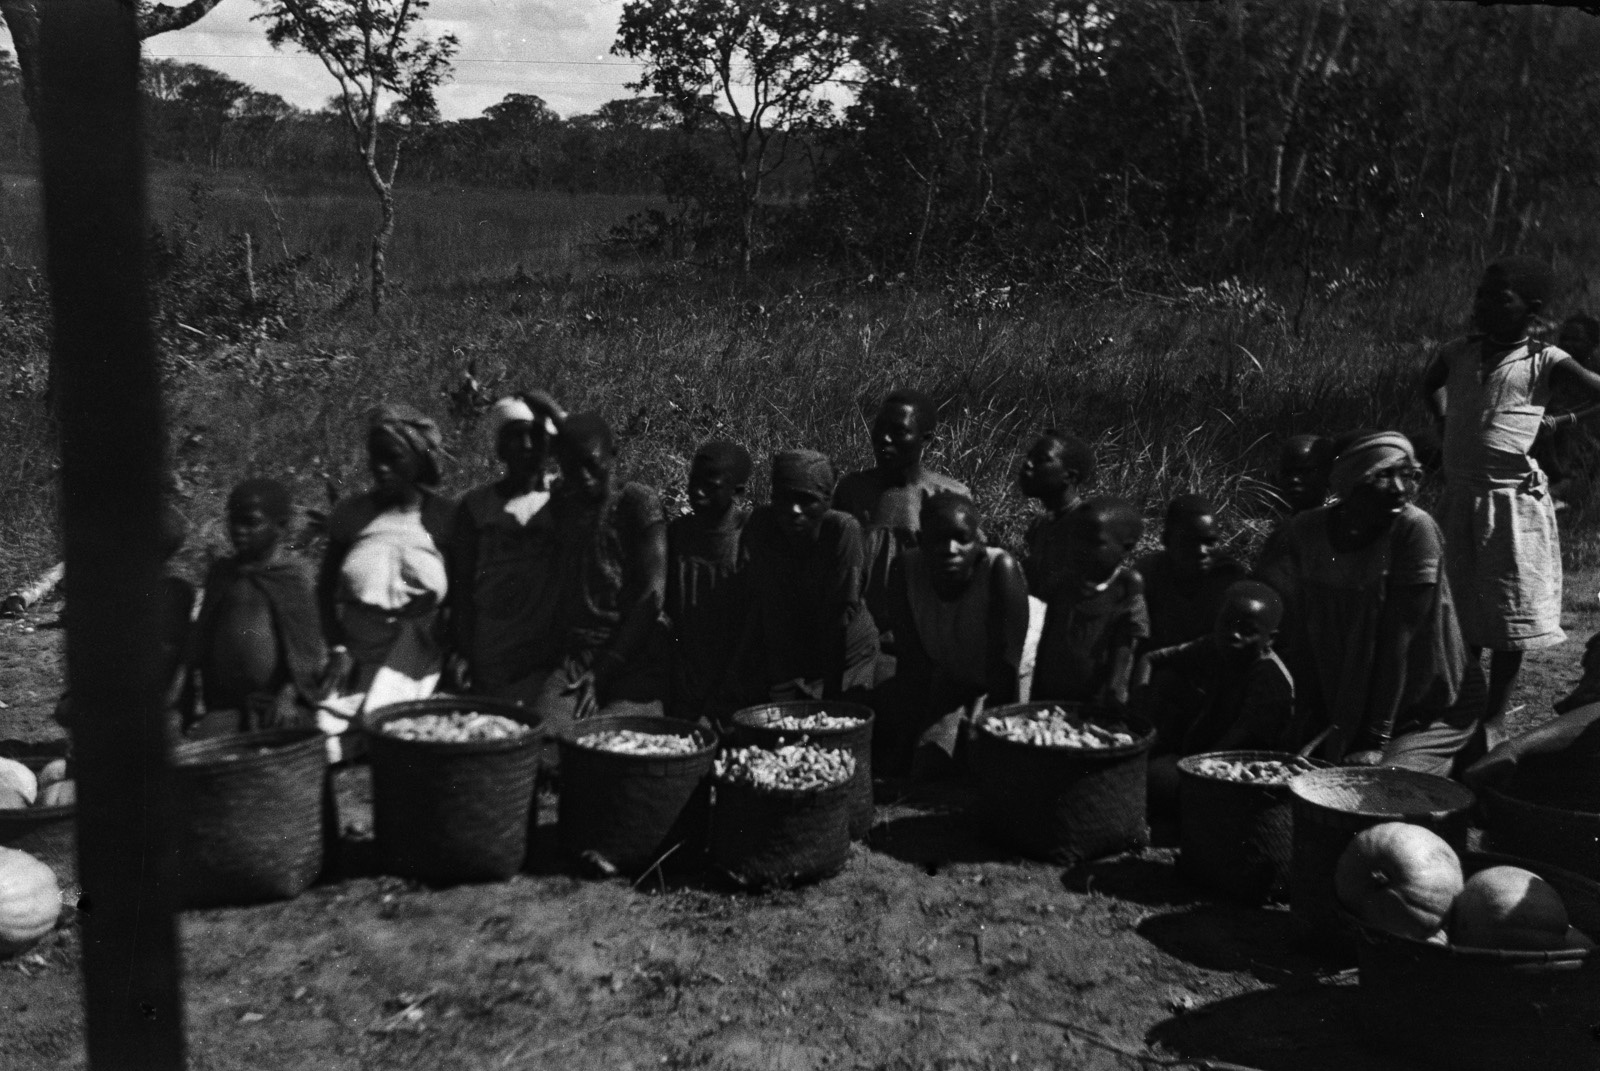 Между Капири Мпоши и рекой Лунсемфва. Жители деревни пытаются продать тыквыц и сладкий картофель.